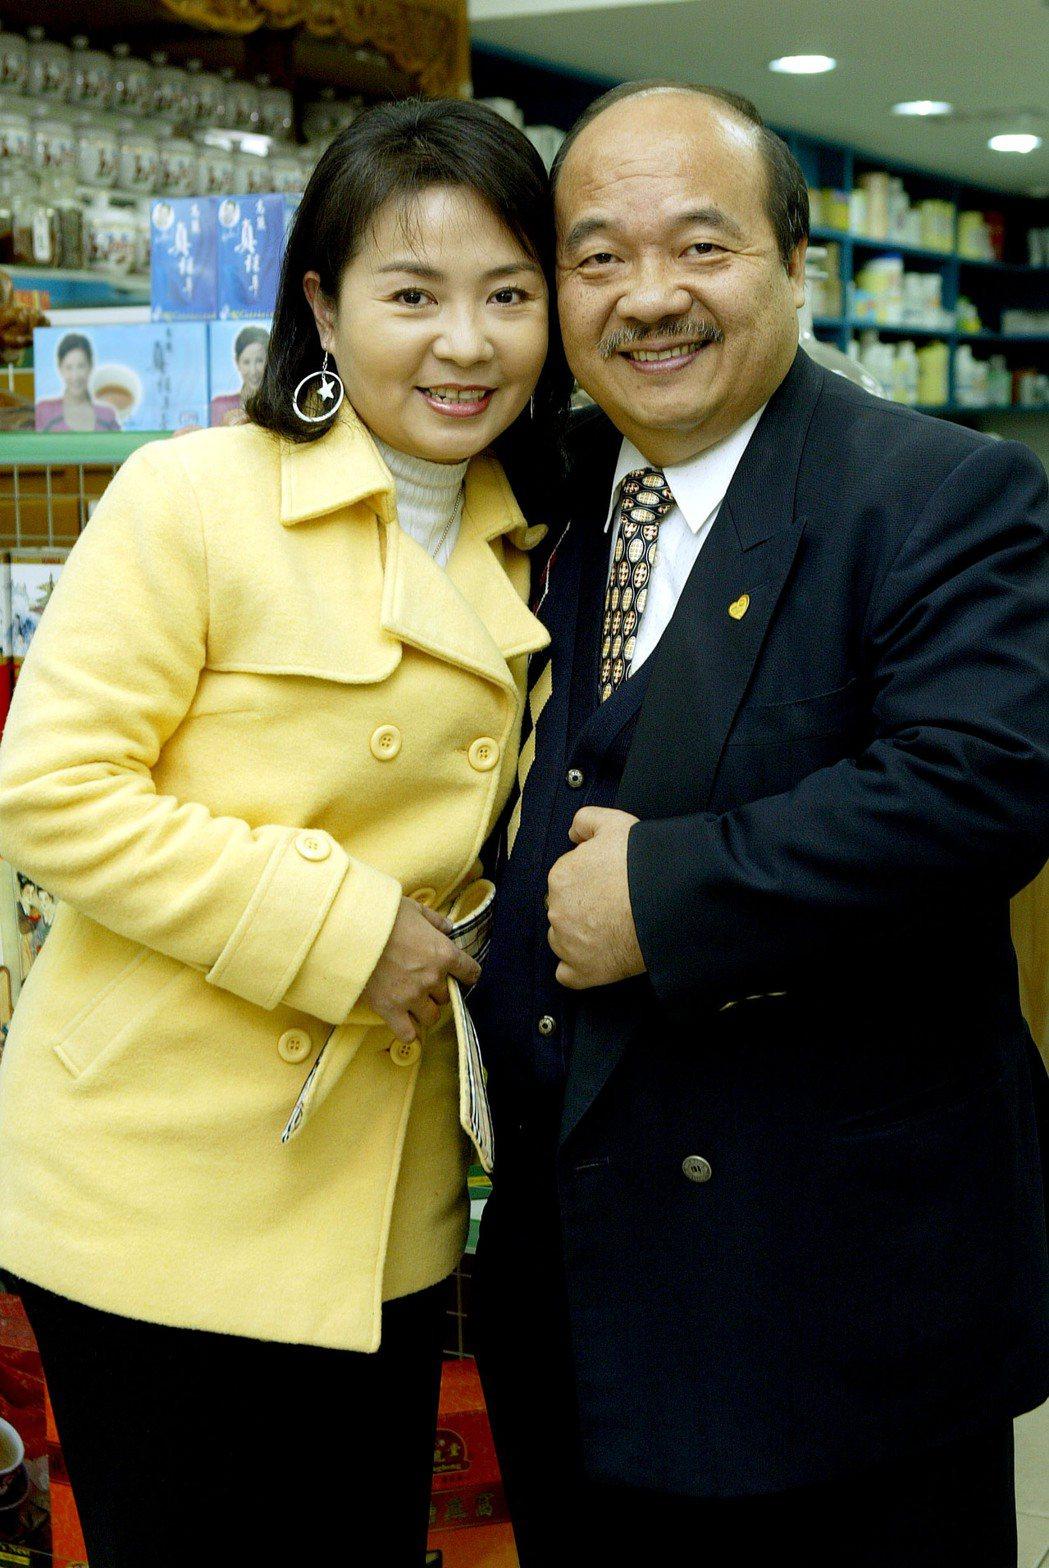 梅嫦芬(左)與建成中醫總裁李江川當年鶼鰈情深。圖/本報資料照